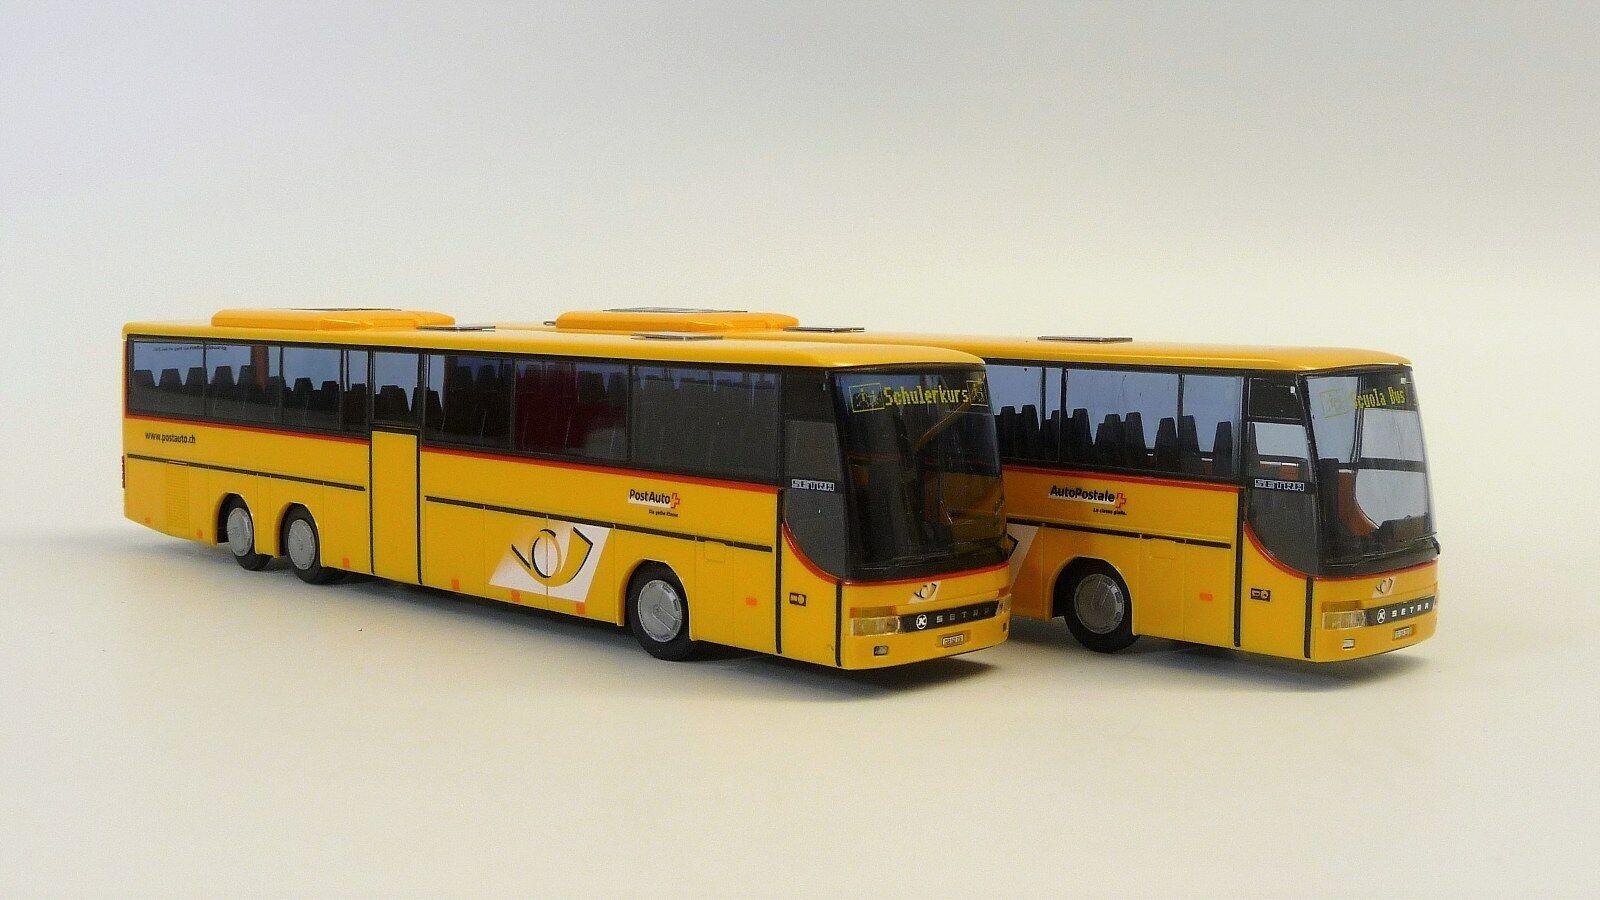 Precio por piso Setra 319 319 319 gthd post auto PTT  alumnos curso  o  Scuola bus  swissmodelle 1 87  100% a estrenar con calidad original.